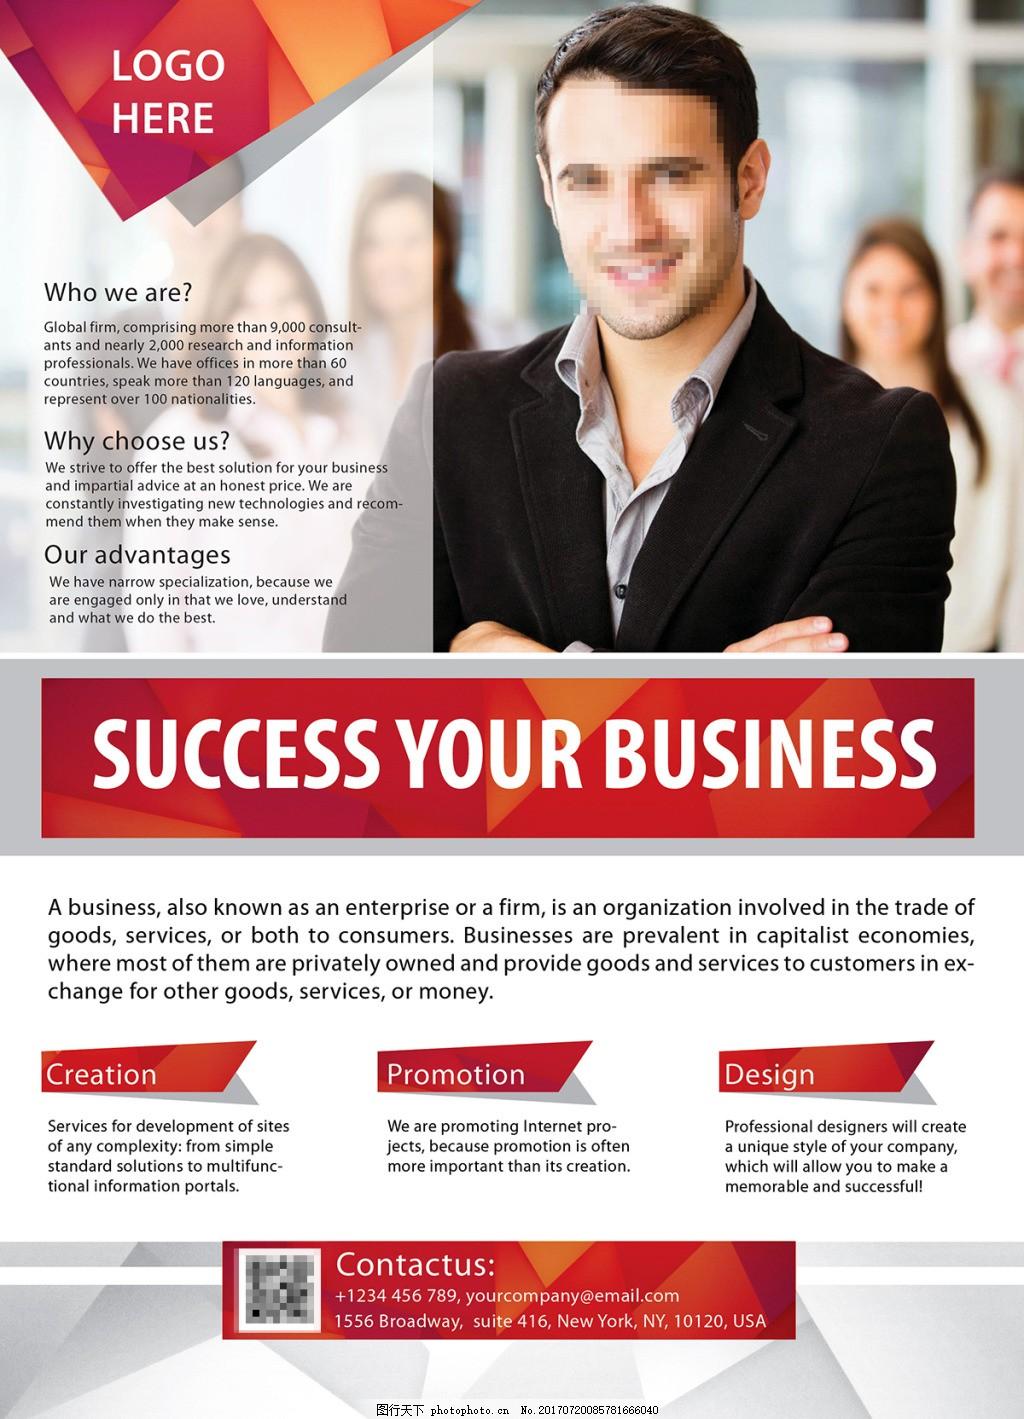 大气欧美商务企业宣传海报传单 企业海报 企业介绍 企业画册 企业宣传单张